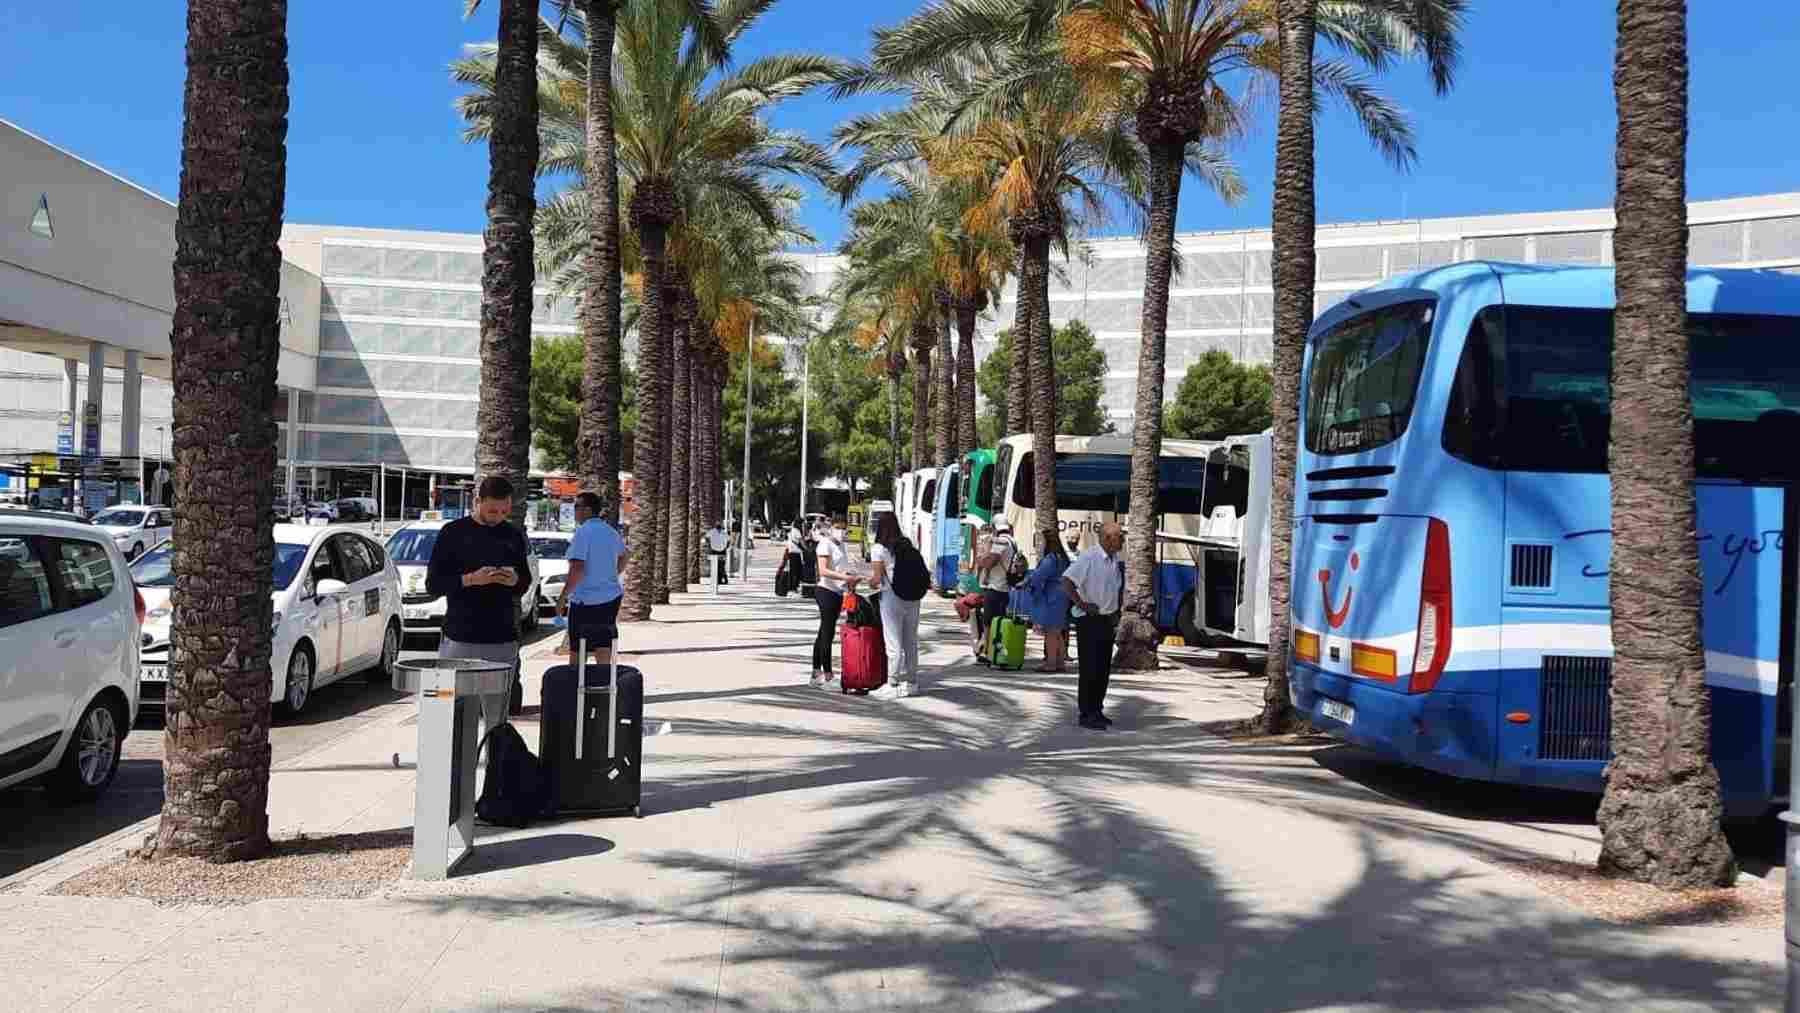 Turistas en el aeropuerto de Son Sant Joan en Palma. FOTO: Europa Press.